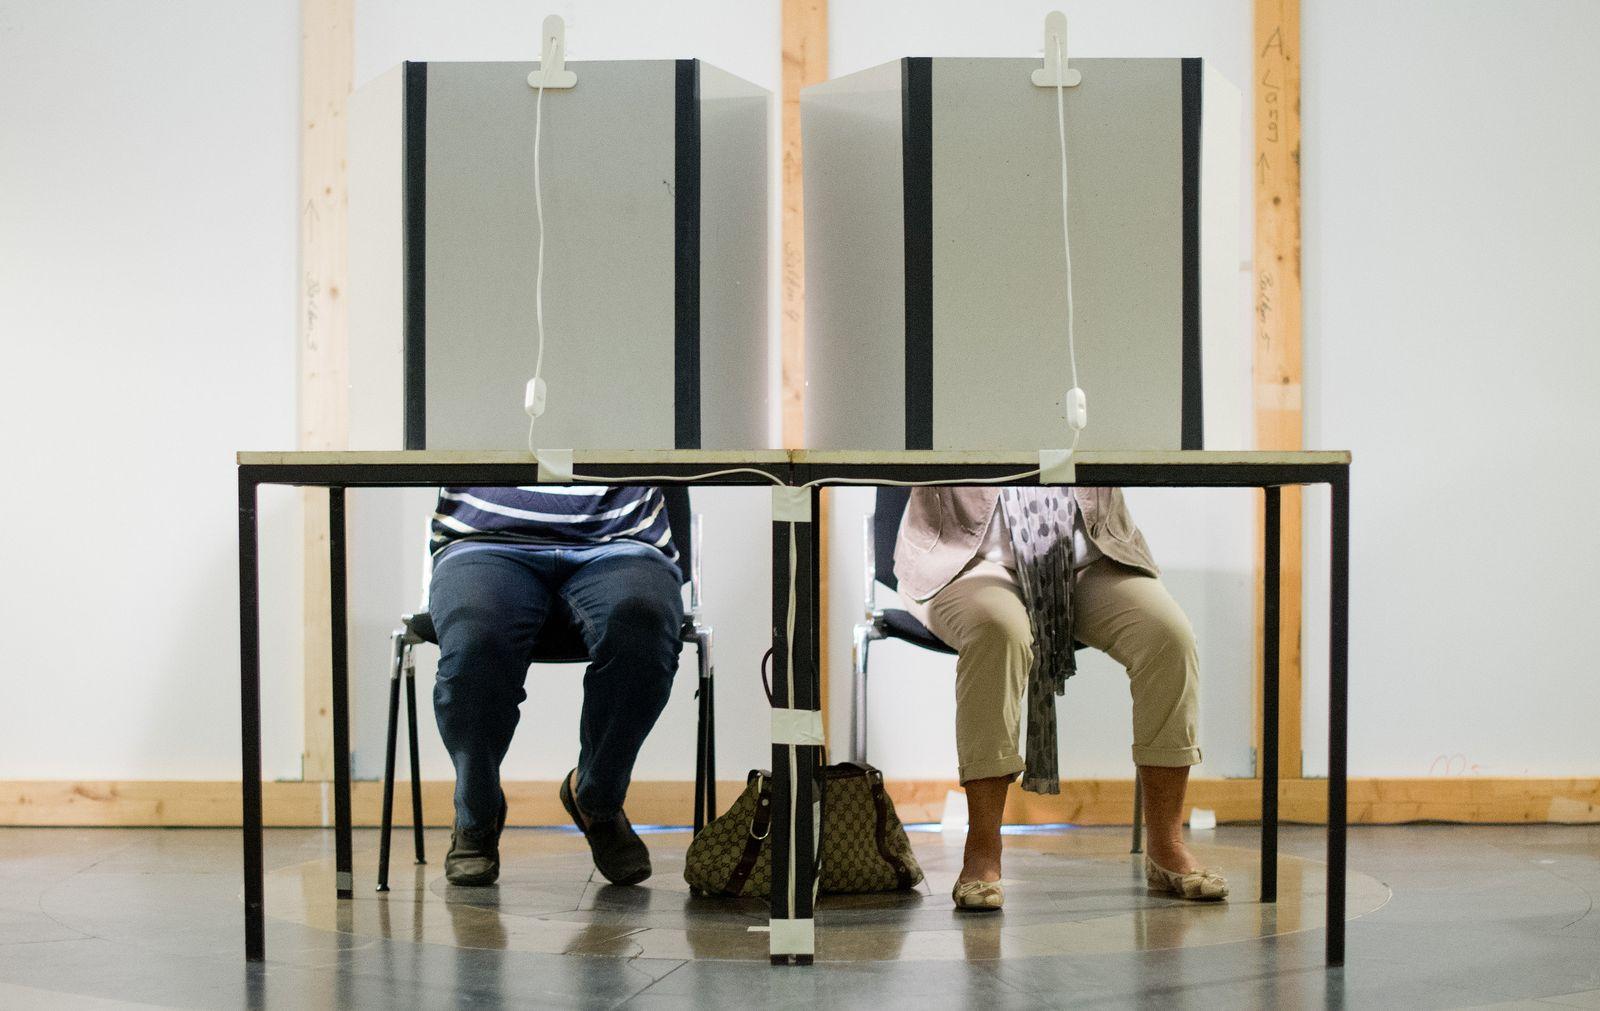 NUR FÜR SPAM Bundestagswahl 2013